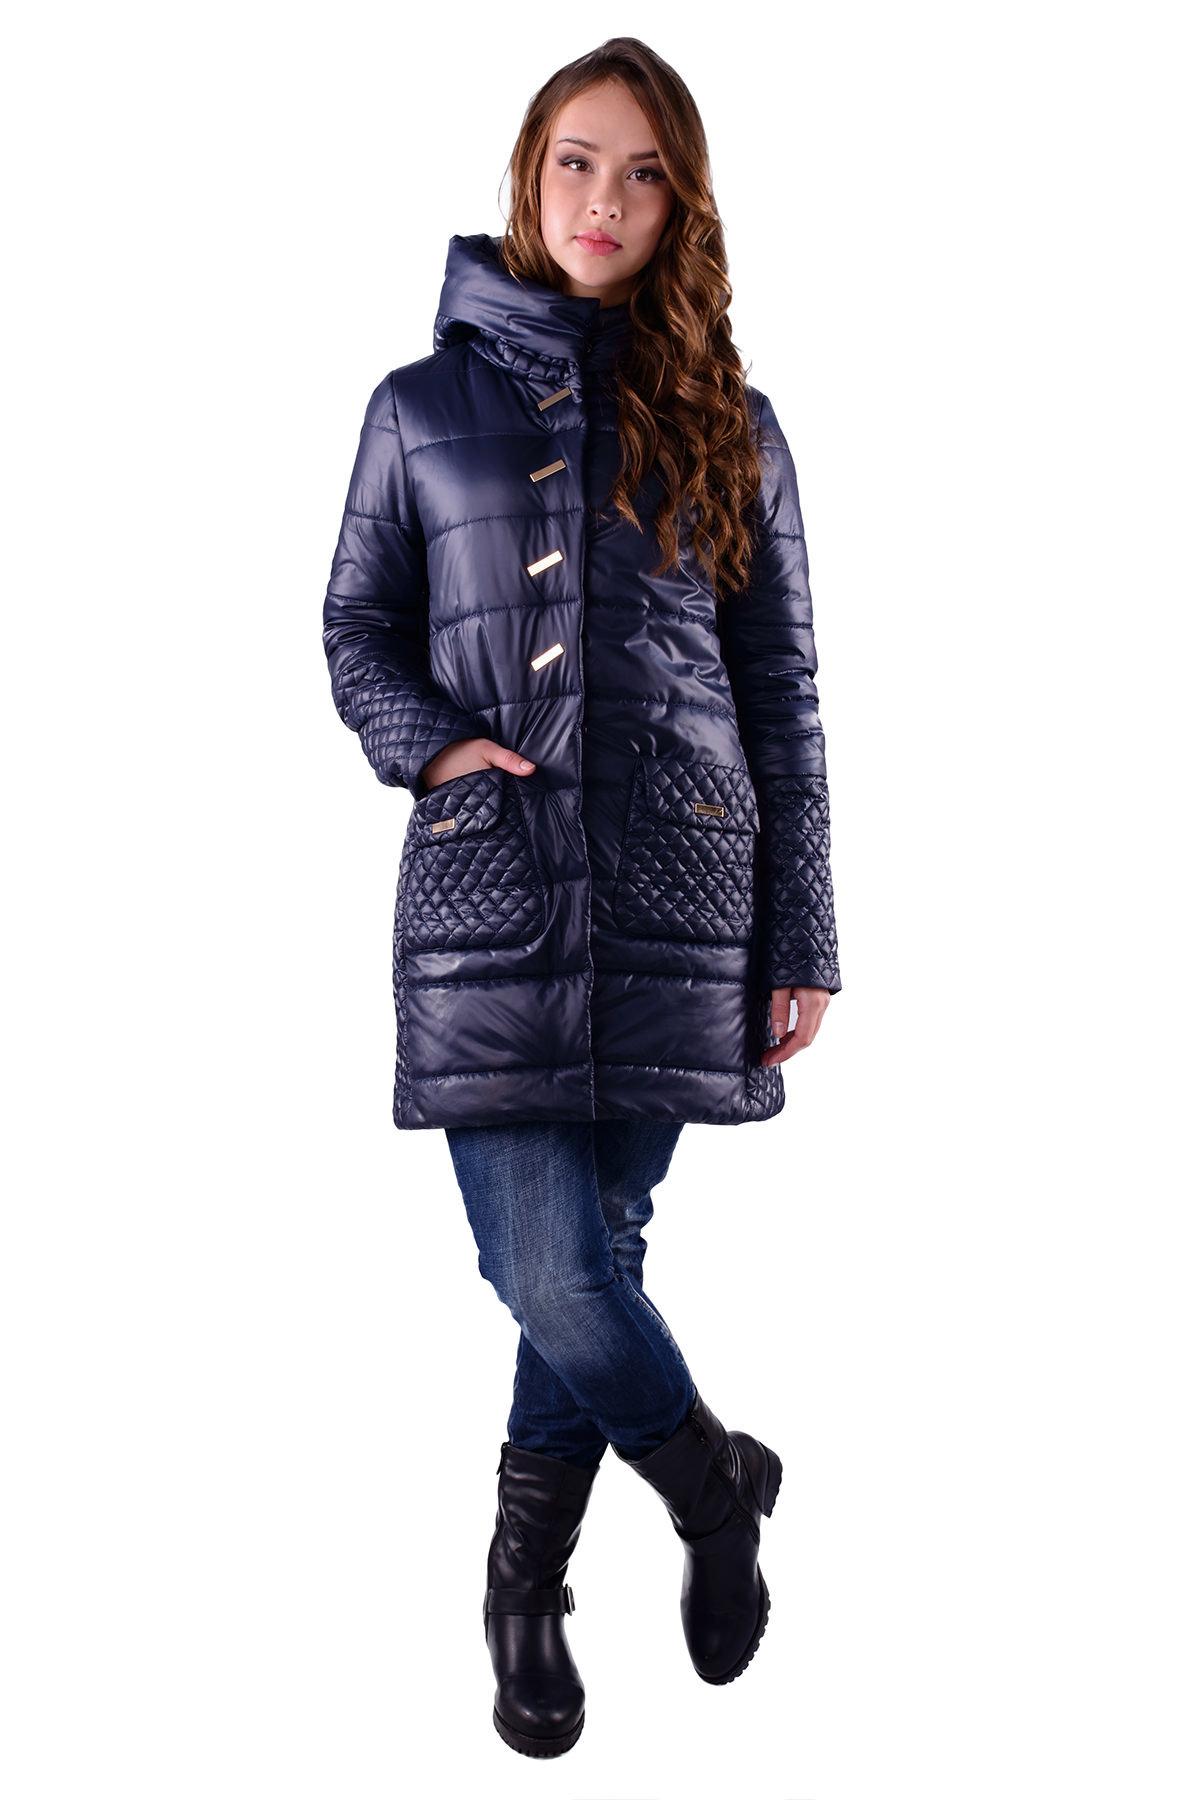 Купить пальто в Украине оптом Куртка Бирма 4680